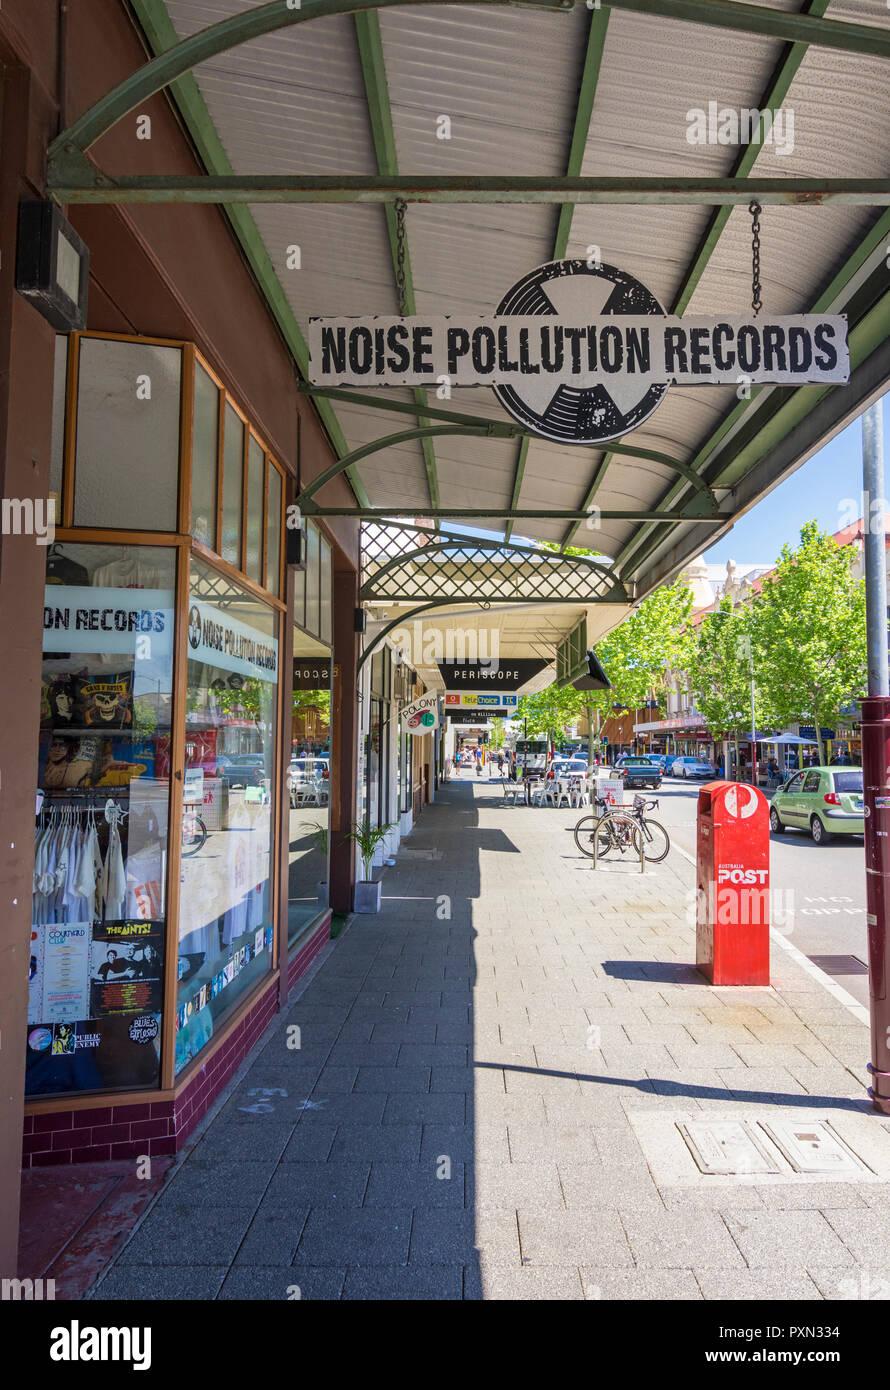 Inquinamento da rumore record, un negozio lungo il vivace William Street a Northbridge, Perth, Western Australia Immagini Stock